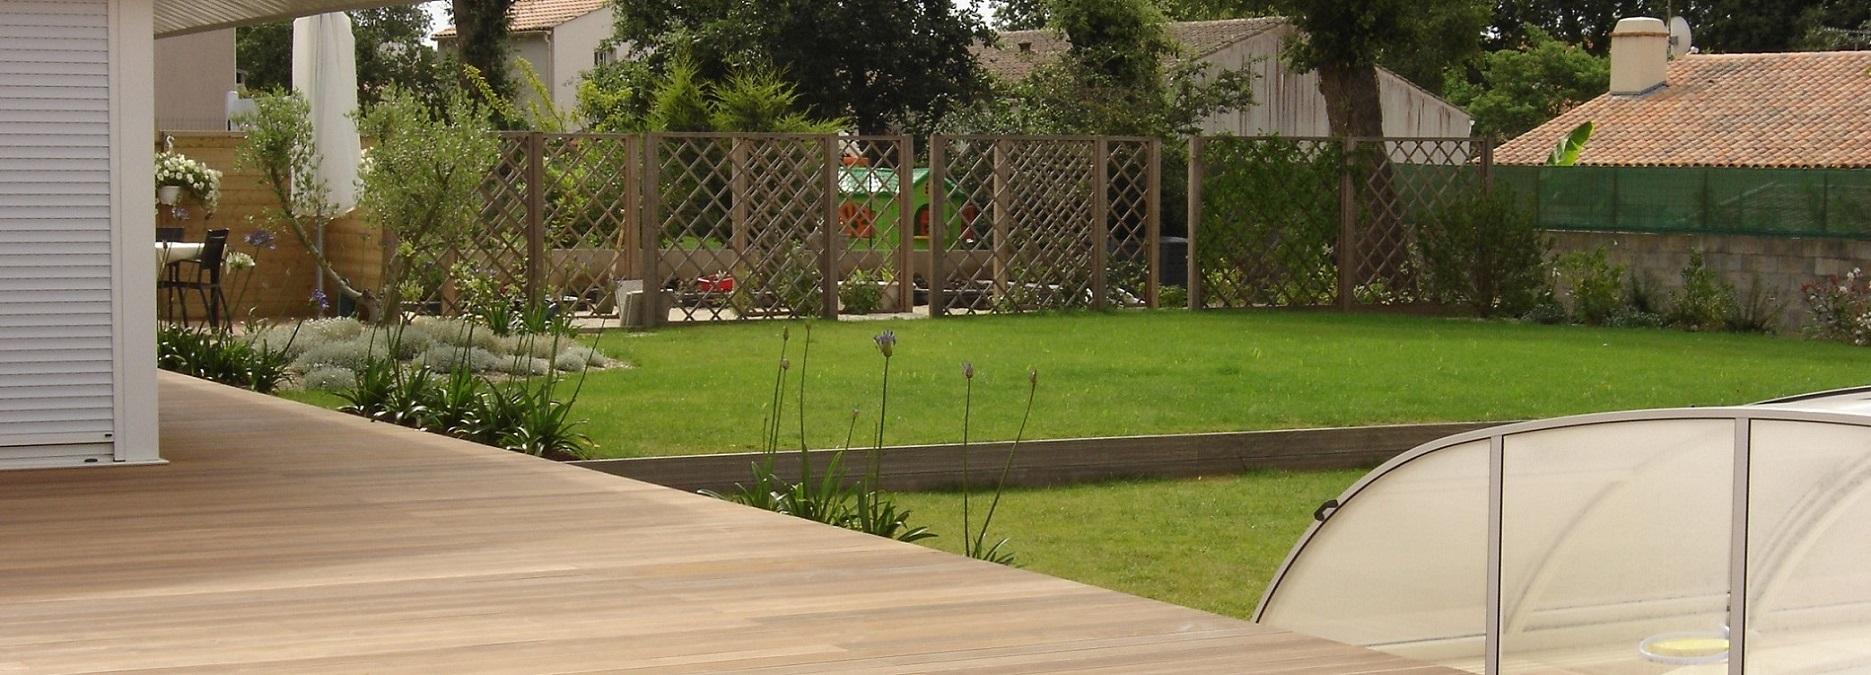 Paysage Sablais Votre Paysagiste Sur Le Secteur Des Olonnes ... tout Refaire Son Jardin Paysagiste